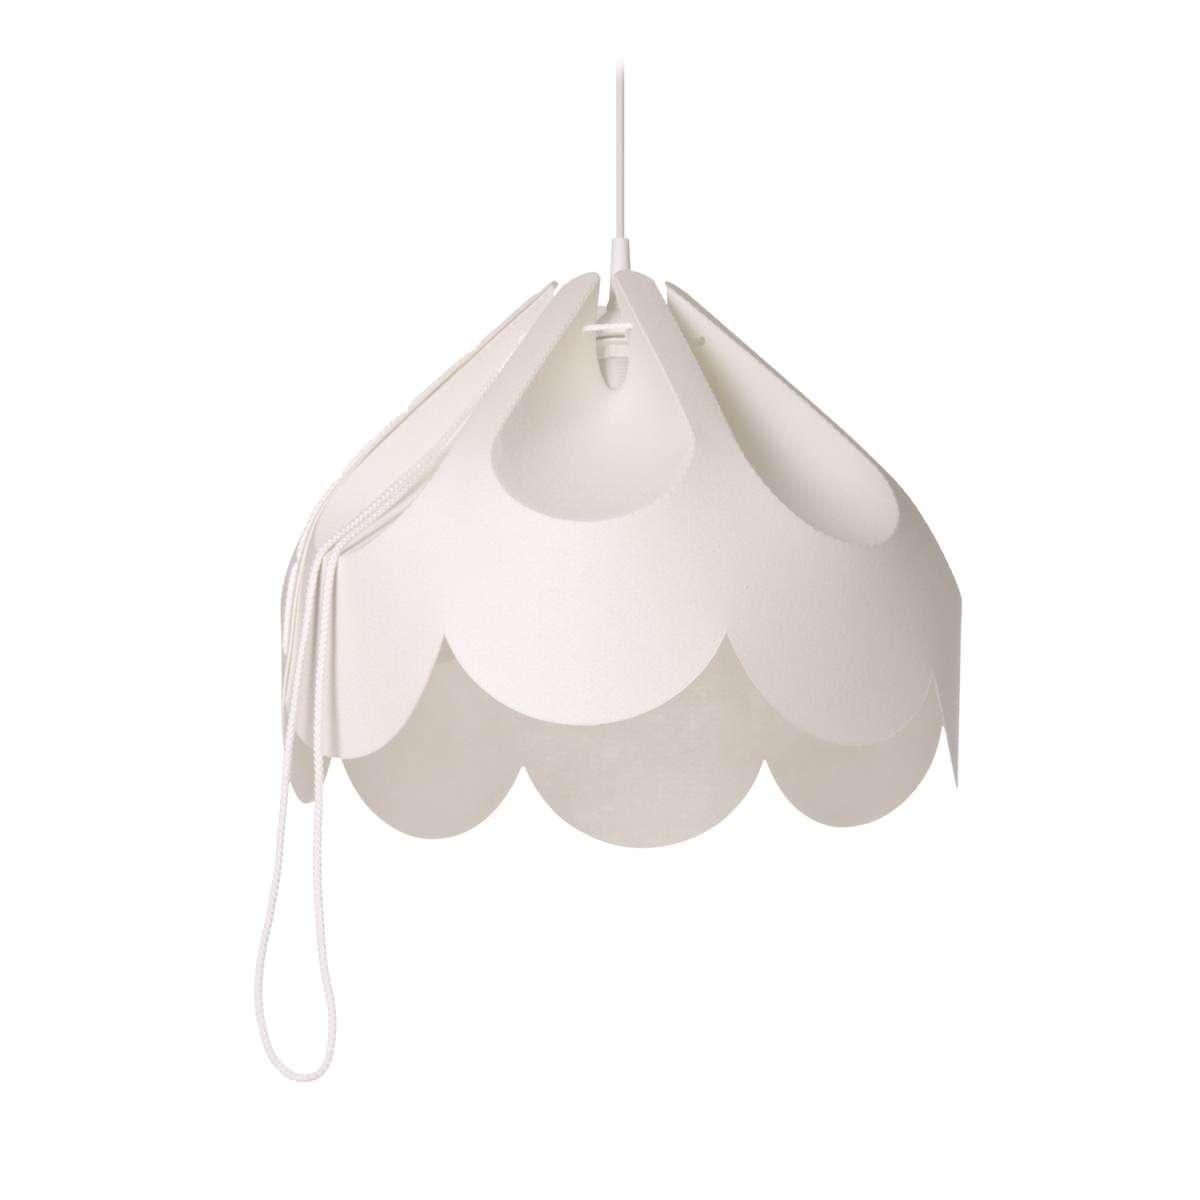 1灯ペンダントライト BEZA2|LOFTLIGHT ロフトライト ポーランドのデザイン照明 ペンダントランプ シャンデリア デザイナーズ モダン リビング ダイニング 寝室